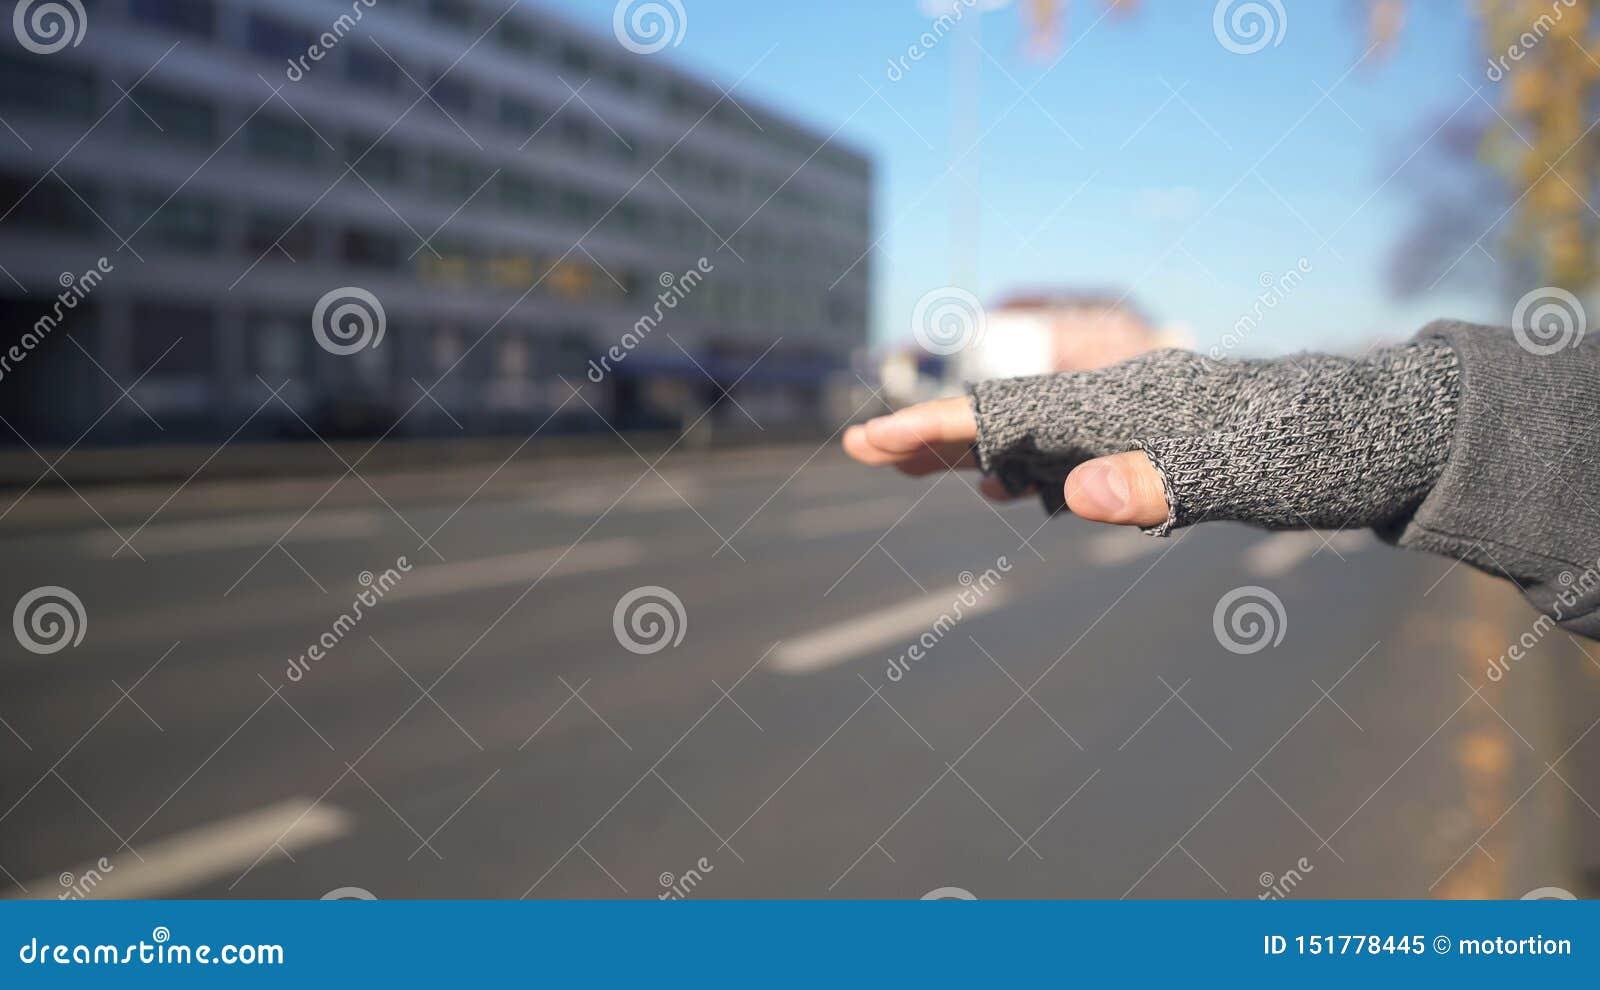 Το άτομο που πιάνει το αυτοκίνητο, φτηνός τρόπος, επισφαλής κίνδυνος ταξιδιών, δίνει κοντά επάνω